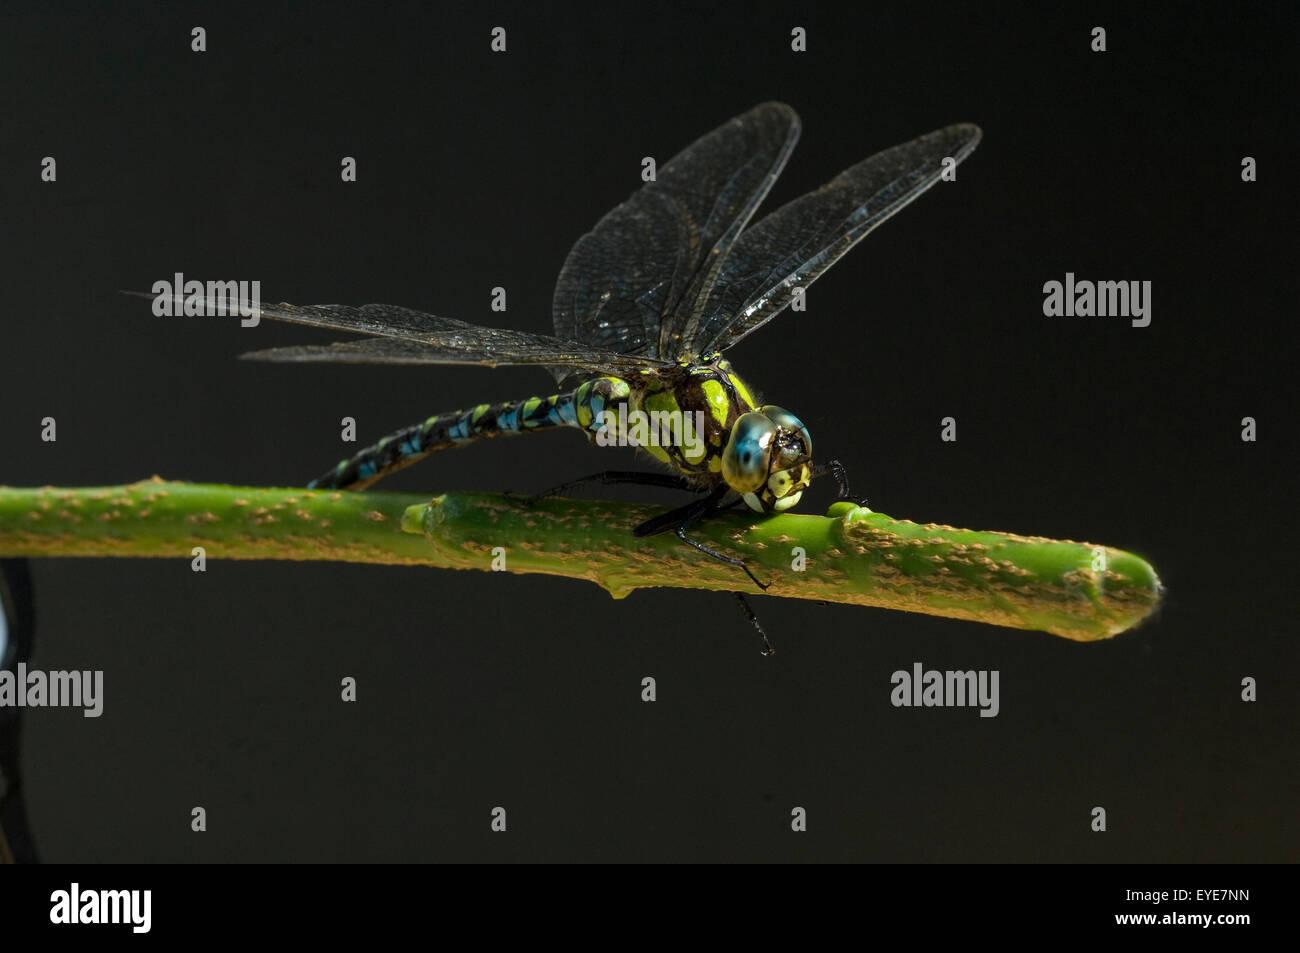 Blaugruene Mosaikjungfer, Aeshna cyanea, Stock Photo